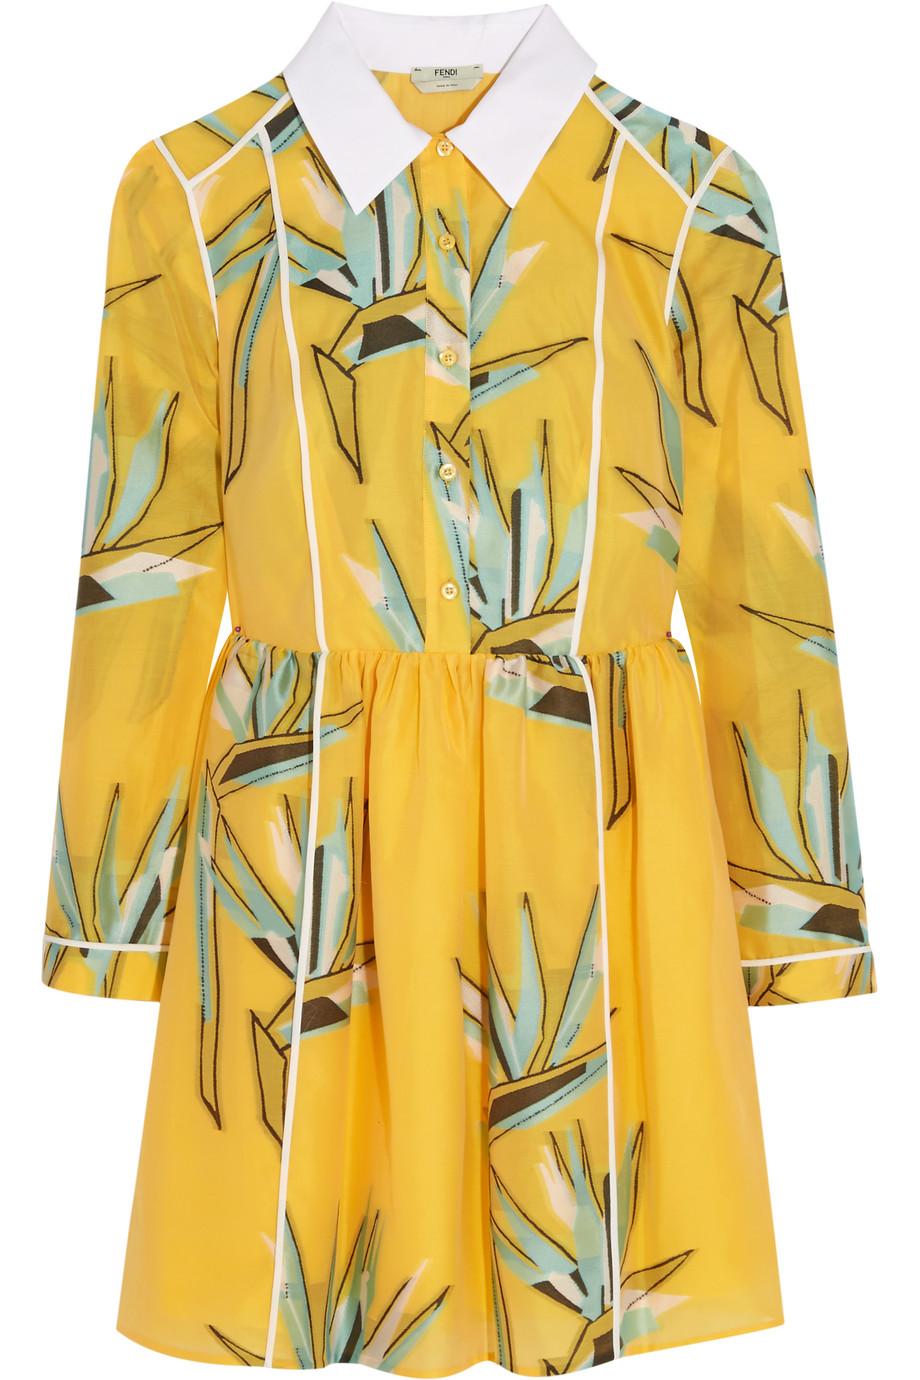 Fendi Cotton-Blend Jacquard Mini Dress, Marigold, Women's, Size: 36